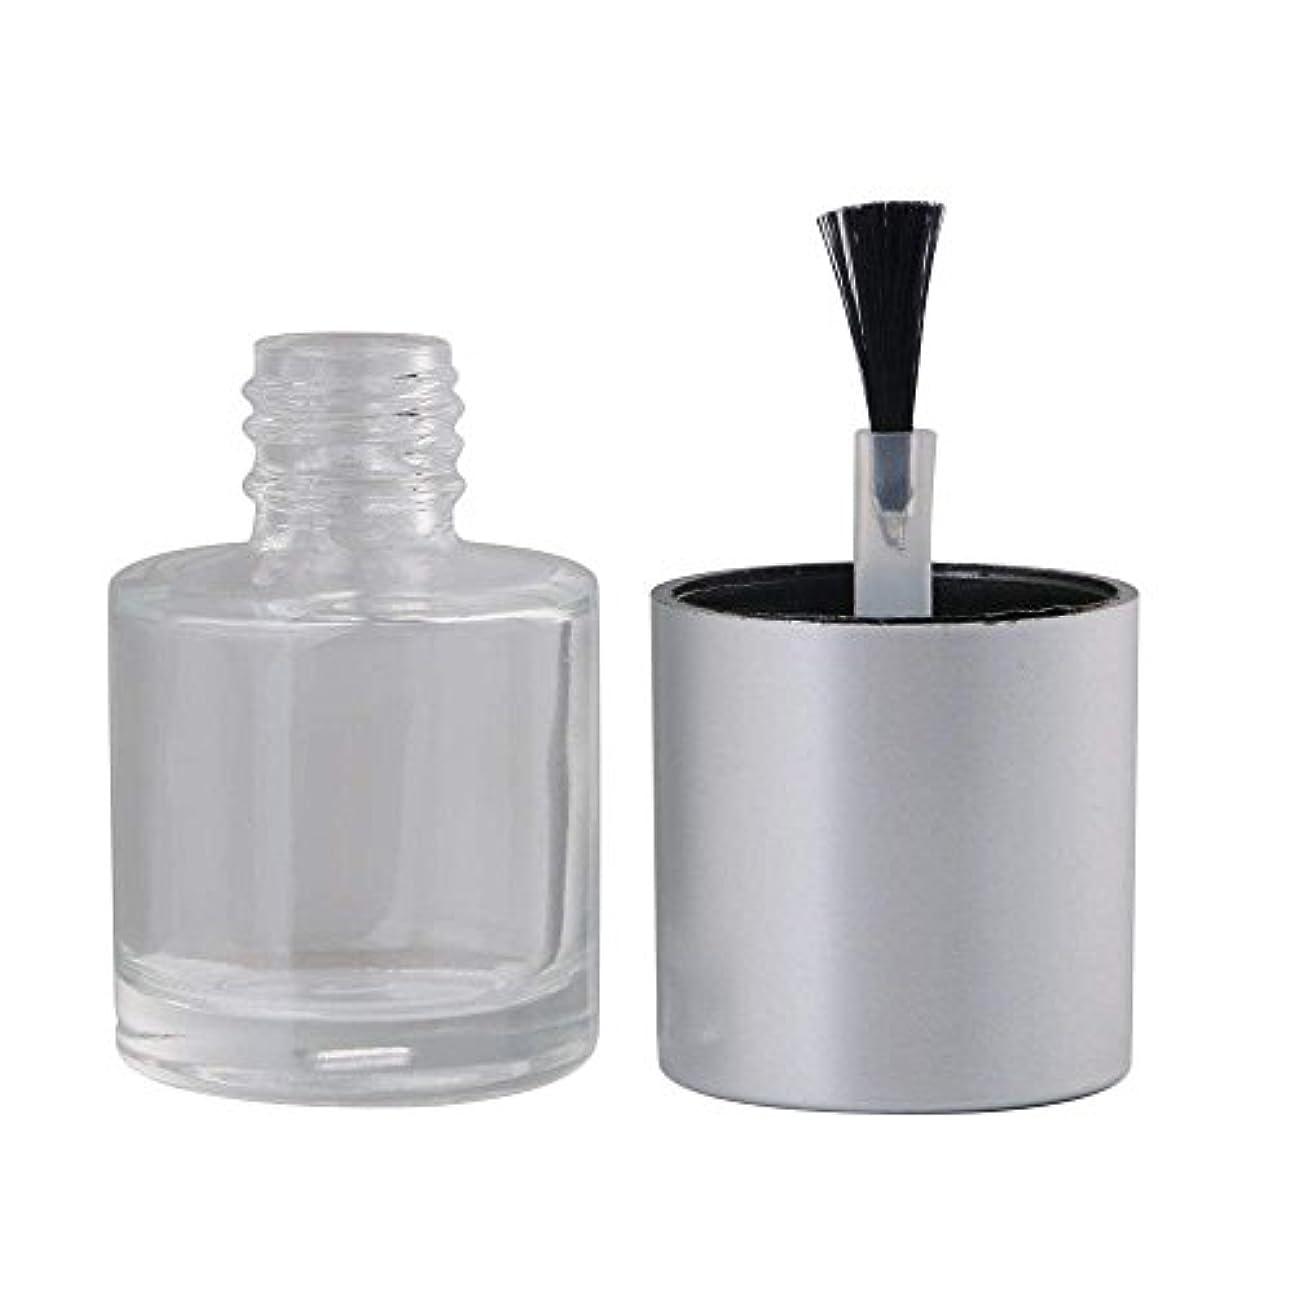 シアー同等のズボンDiystyle 10個入 マニキュアボトル 空ボトル 10ml 小分けボトル 詰め替え 化粧品収納 旅行用品 ガラス グレー